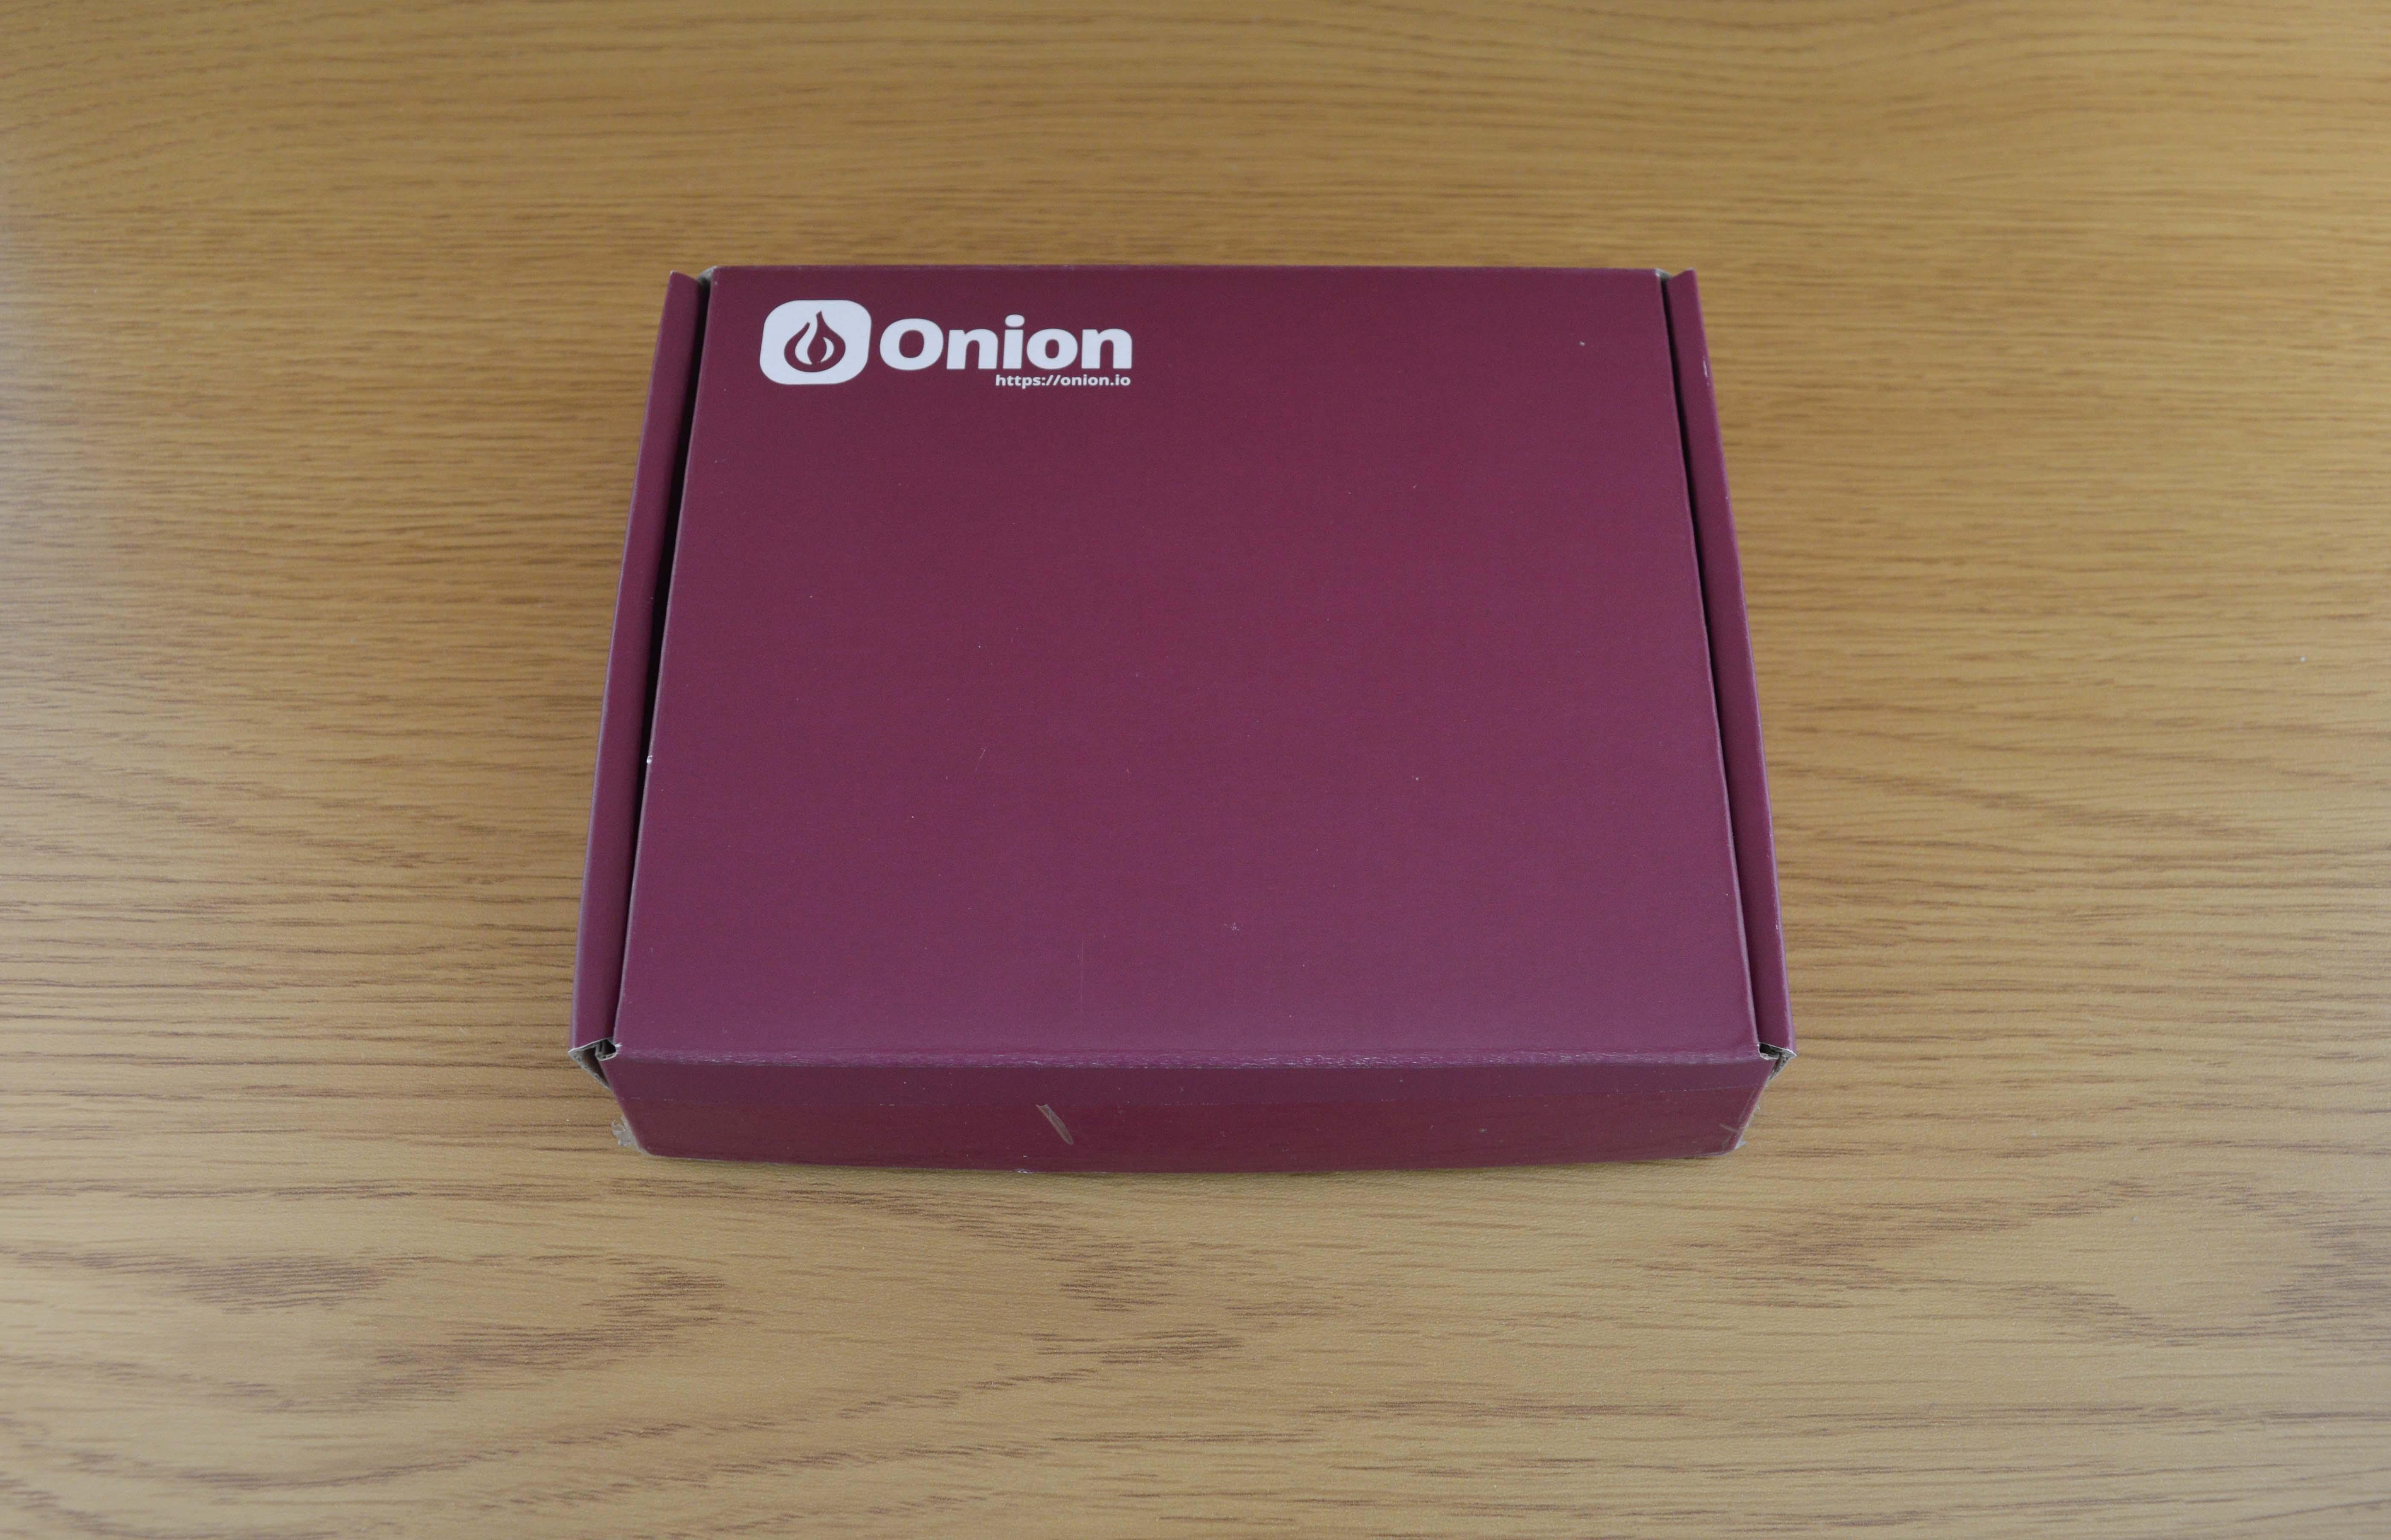 Onion Shipment Box